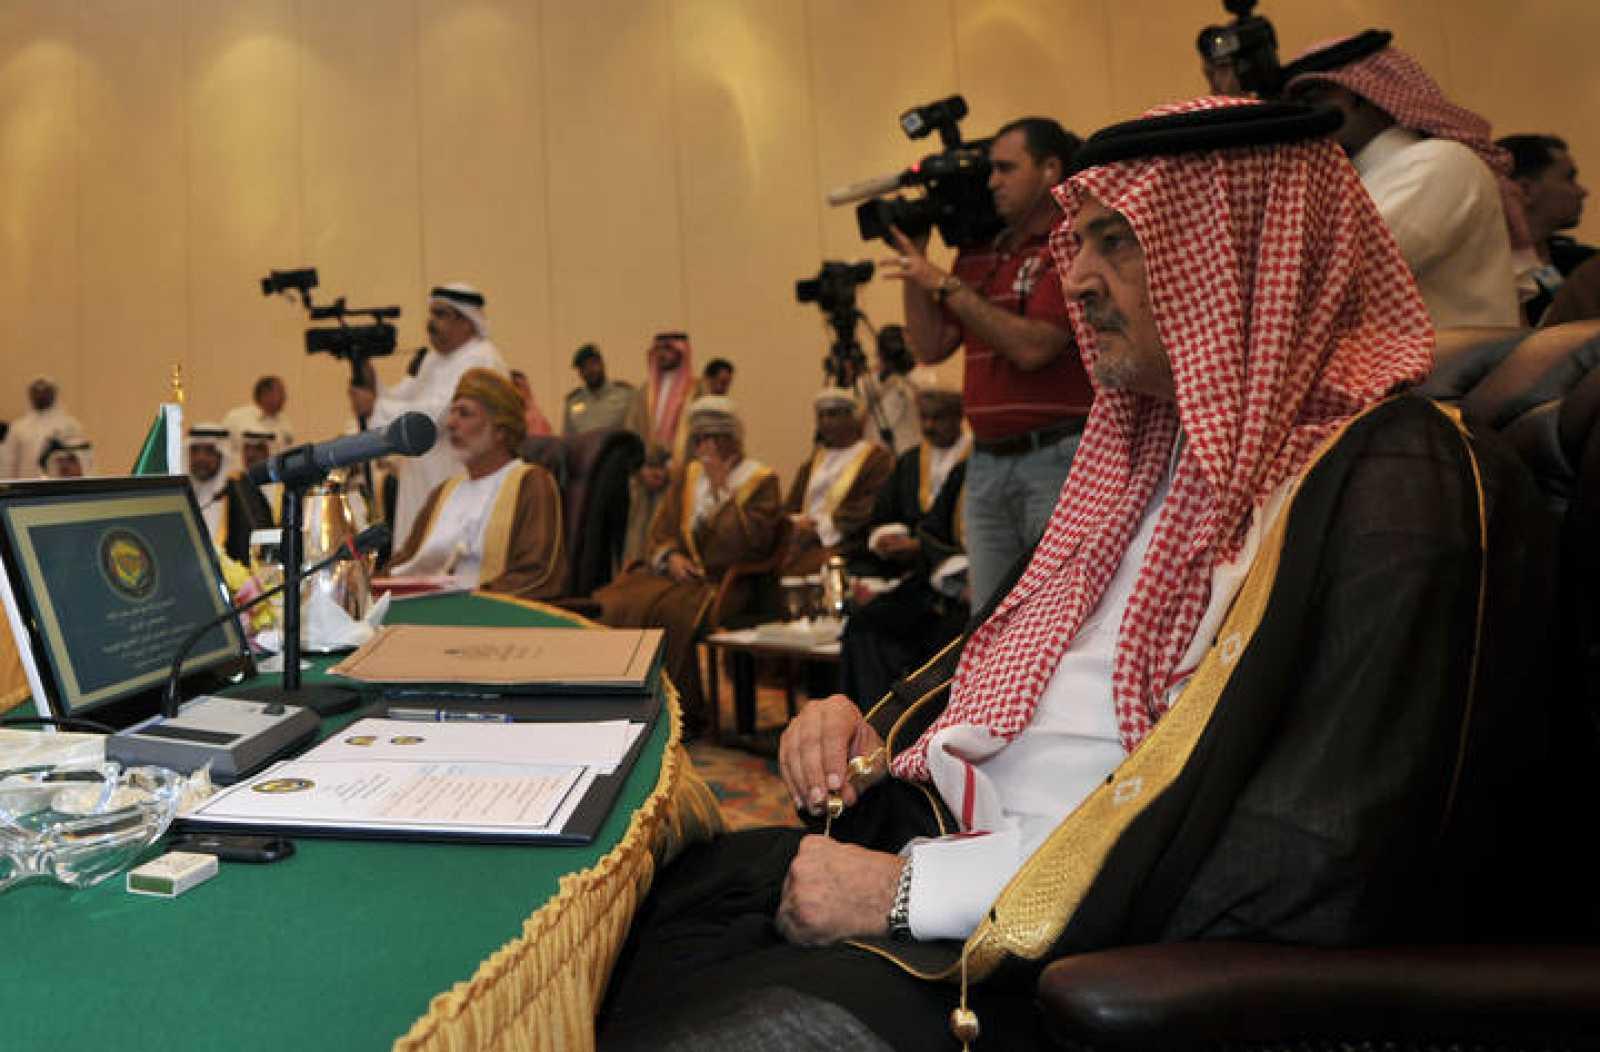 El ministro de Exteriores de Arabia Saudí, príncipe Saud al Faisal, en la reunión del Consejo de Cooperación del Golfo el 14 de junio